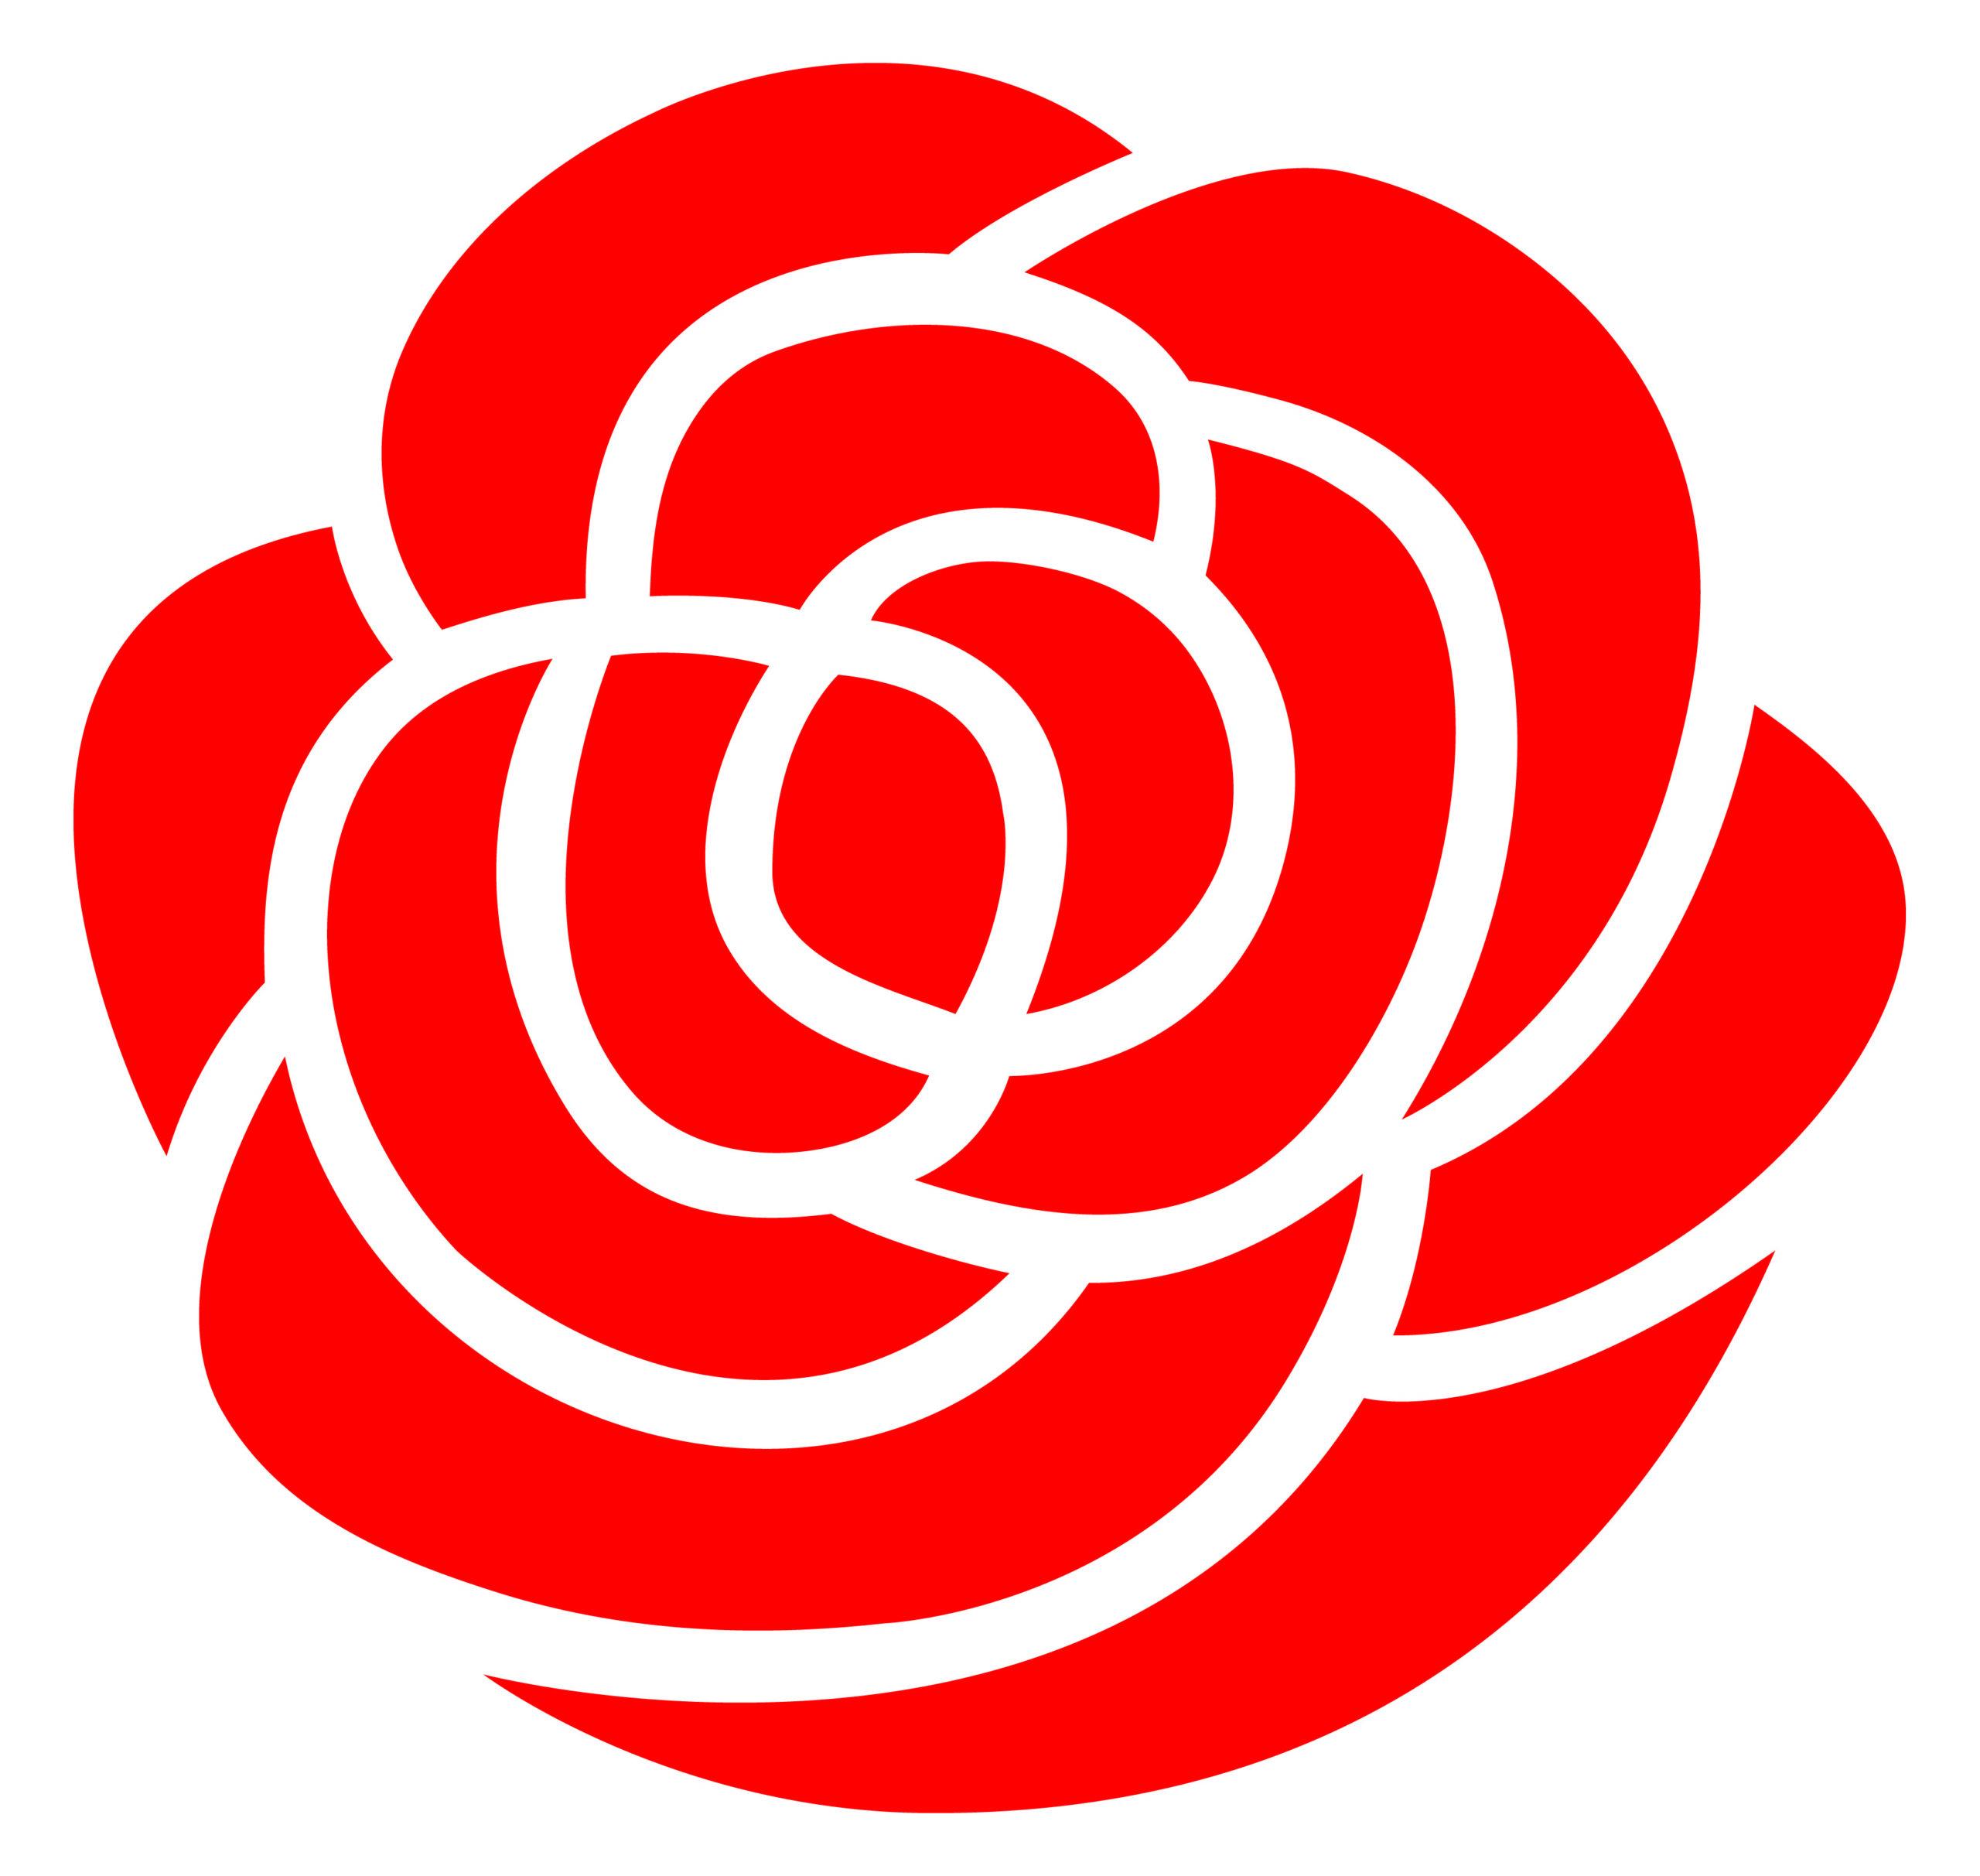 ROSE SPD Schaafheim gemeinsam bewegen